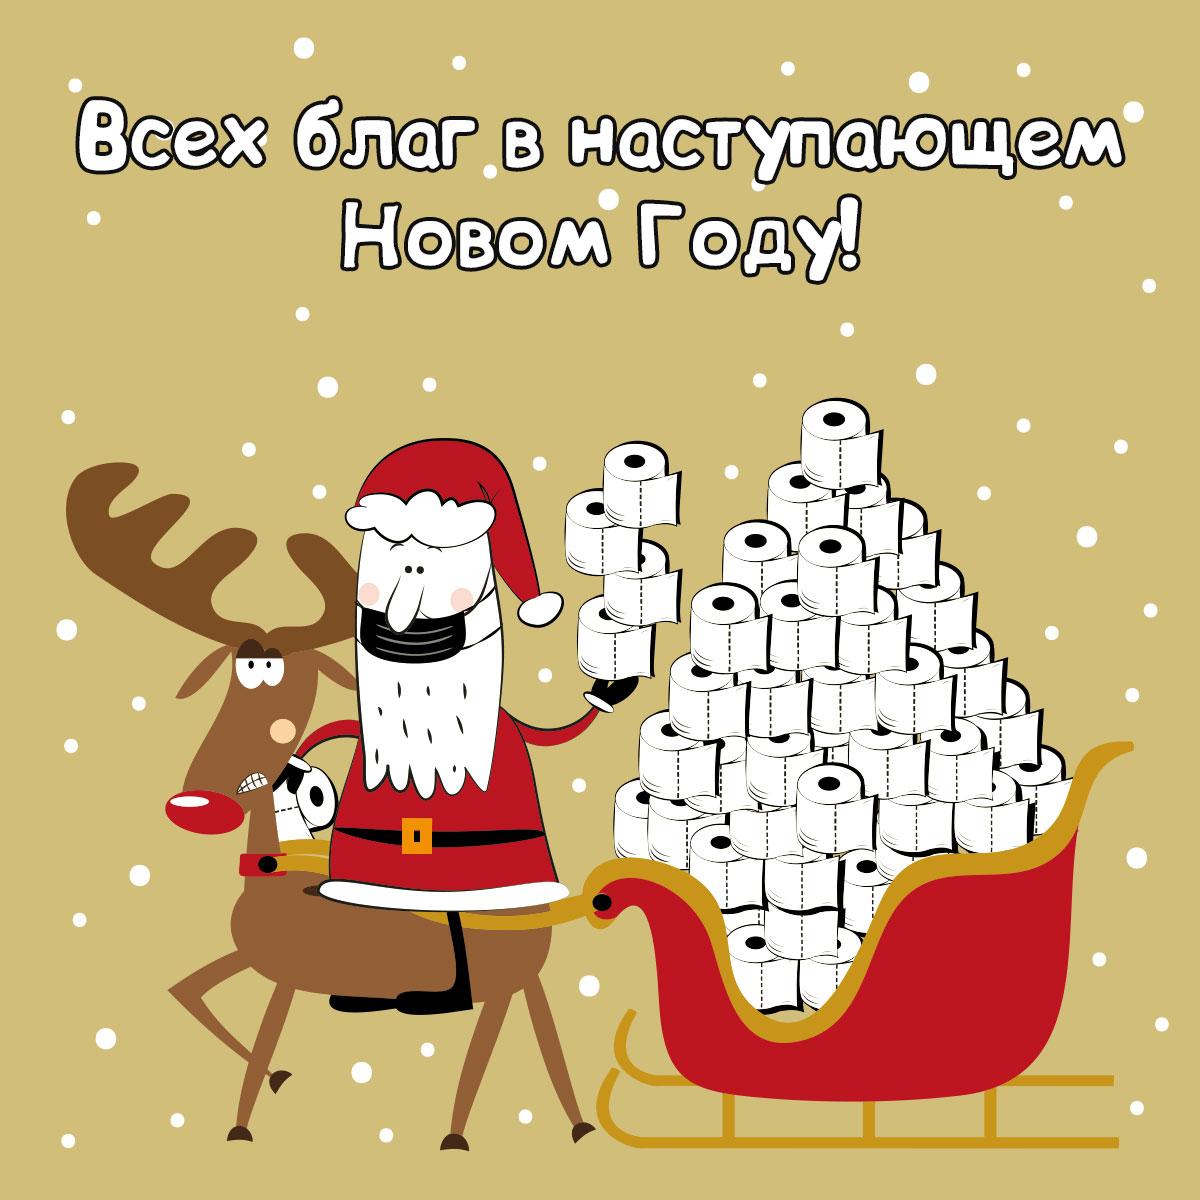 Мультипликационный Санта Клаус с оленем и туалетной бумагой в санях.